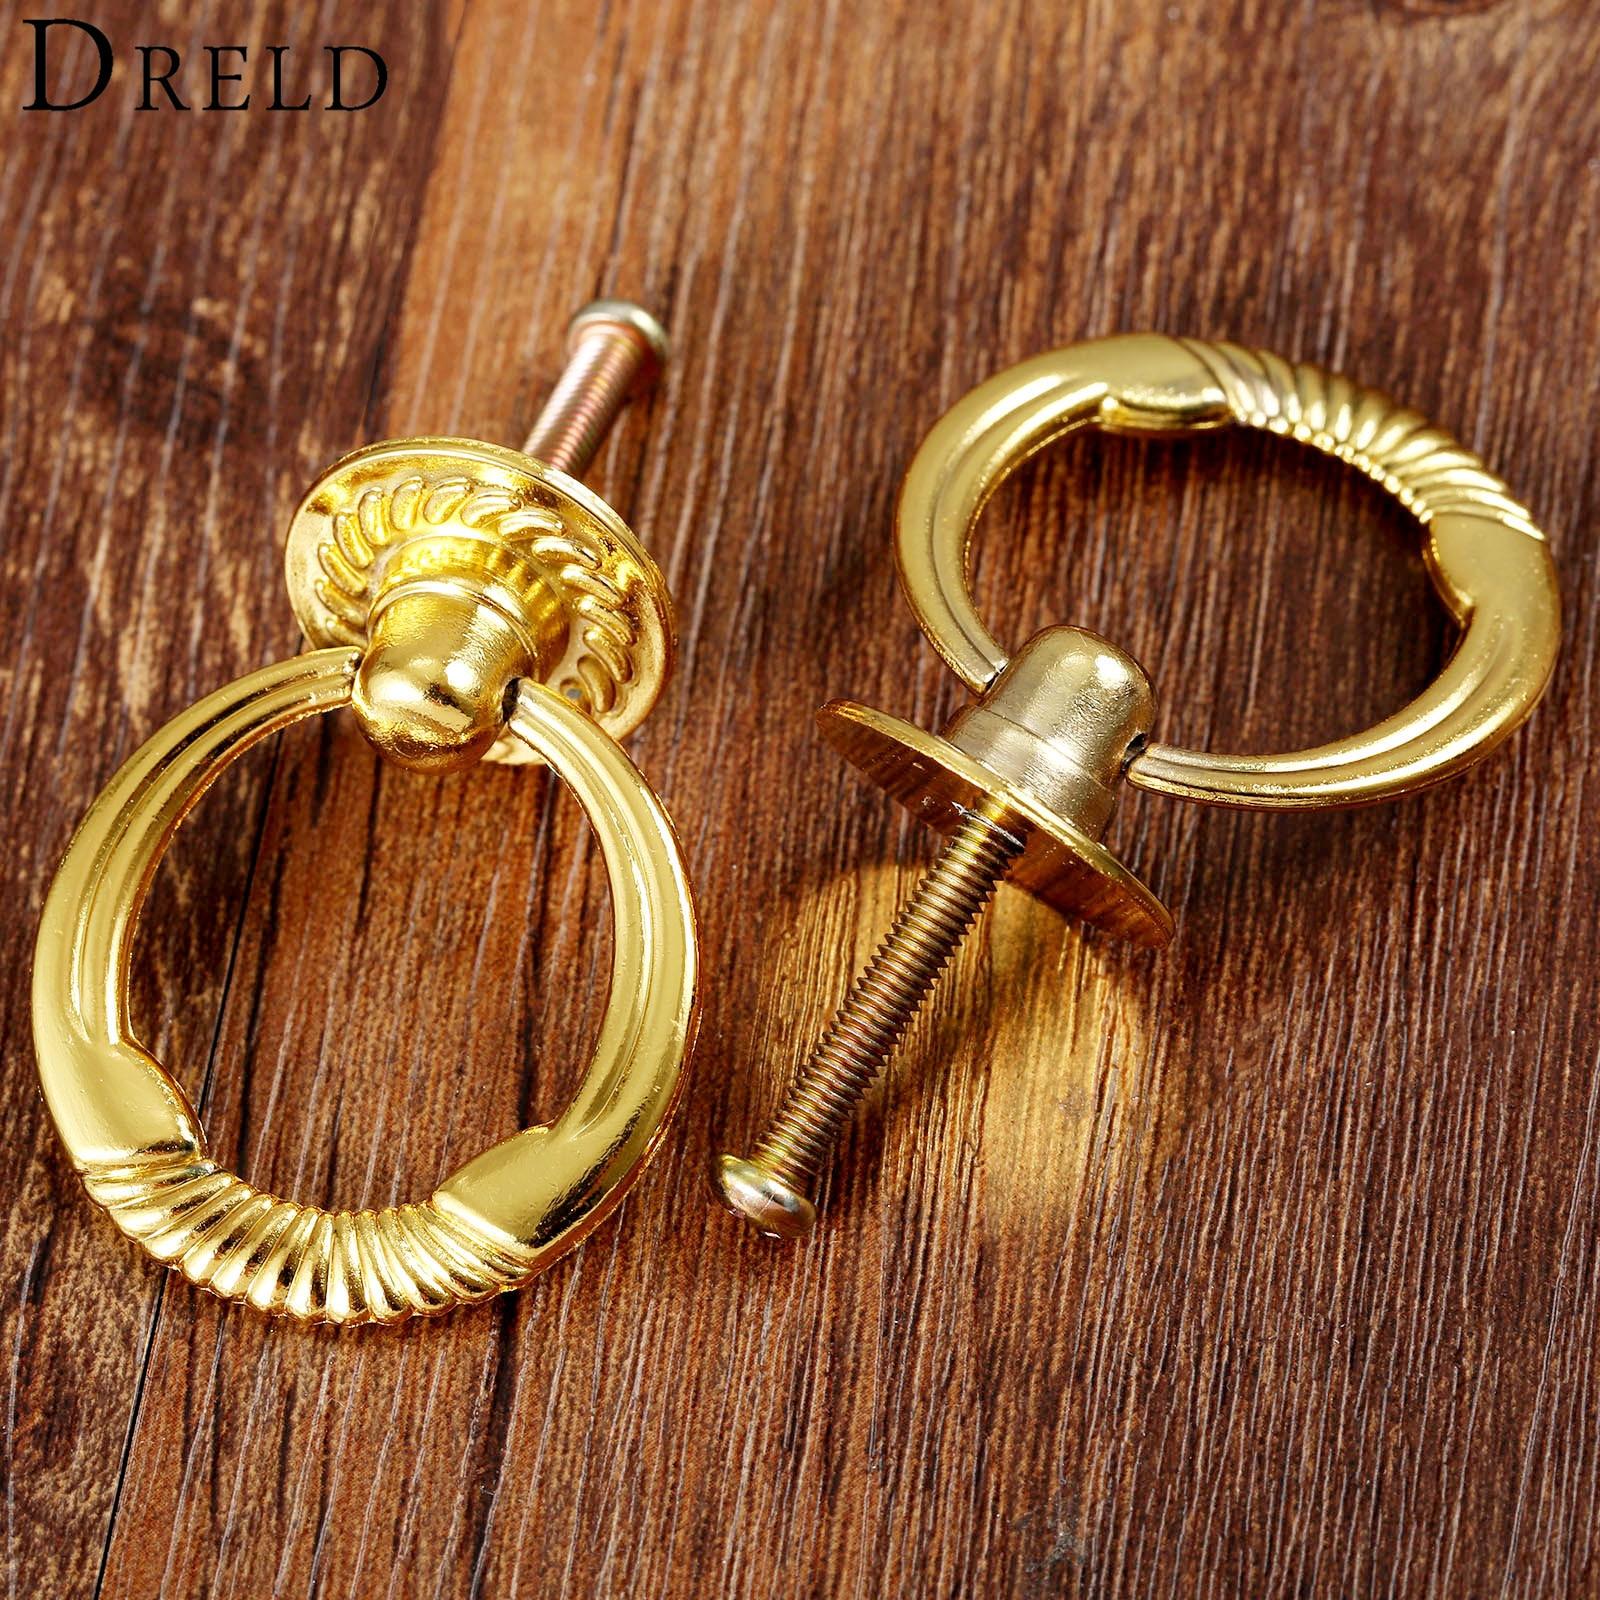 Dreld 2pcs Antique Gold Cabinet Knob And Handle Vintage